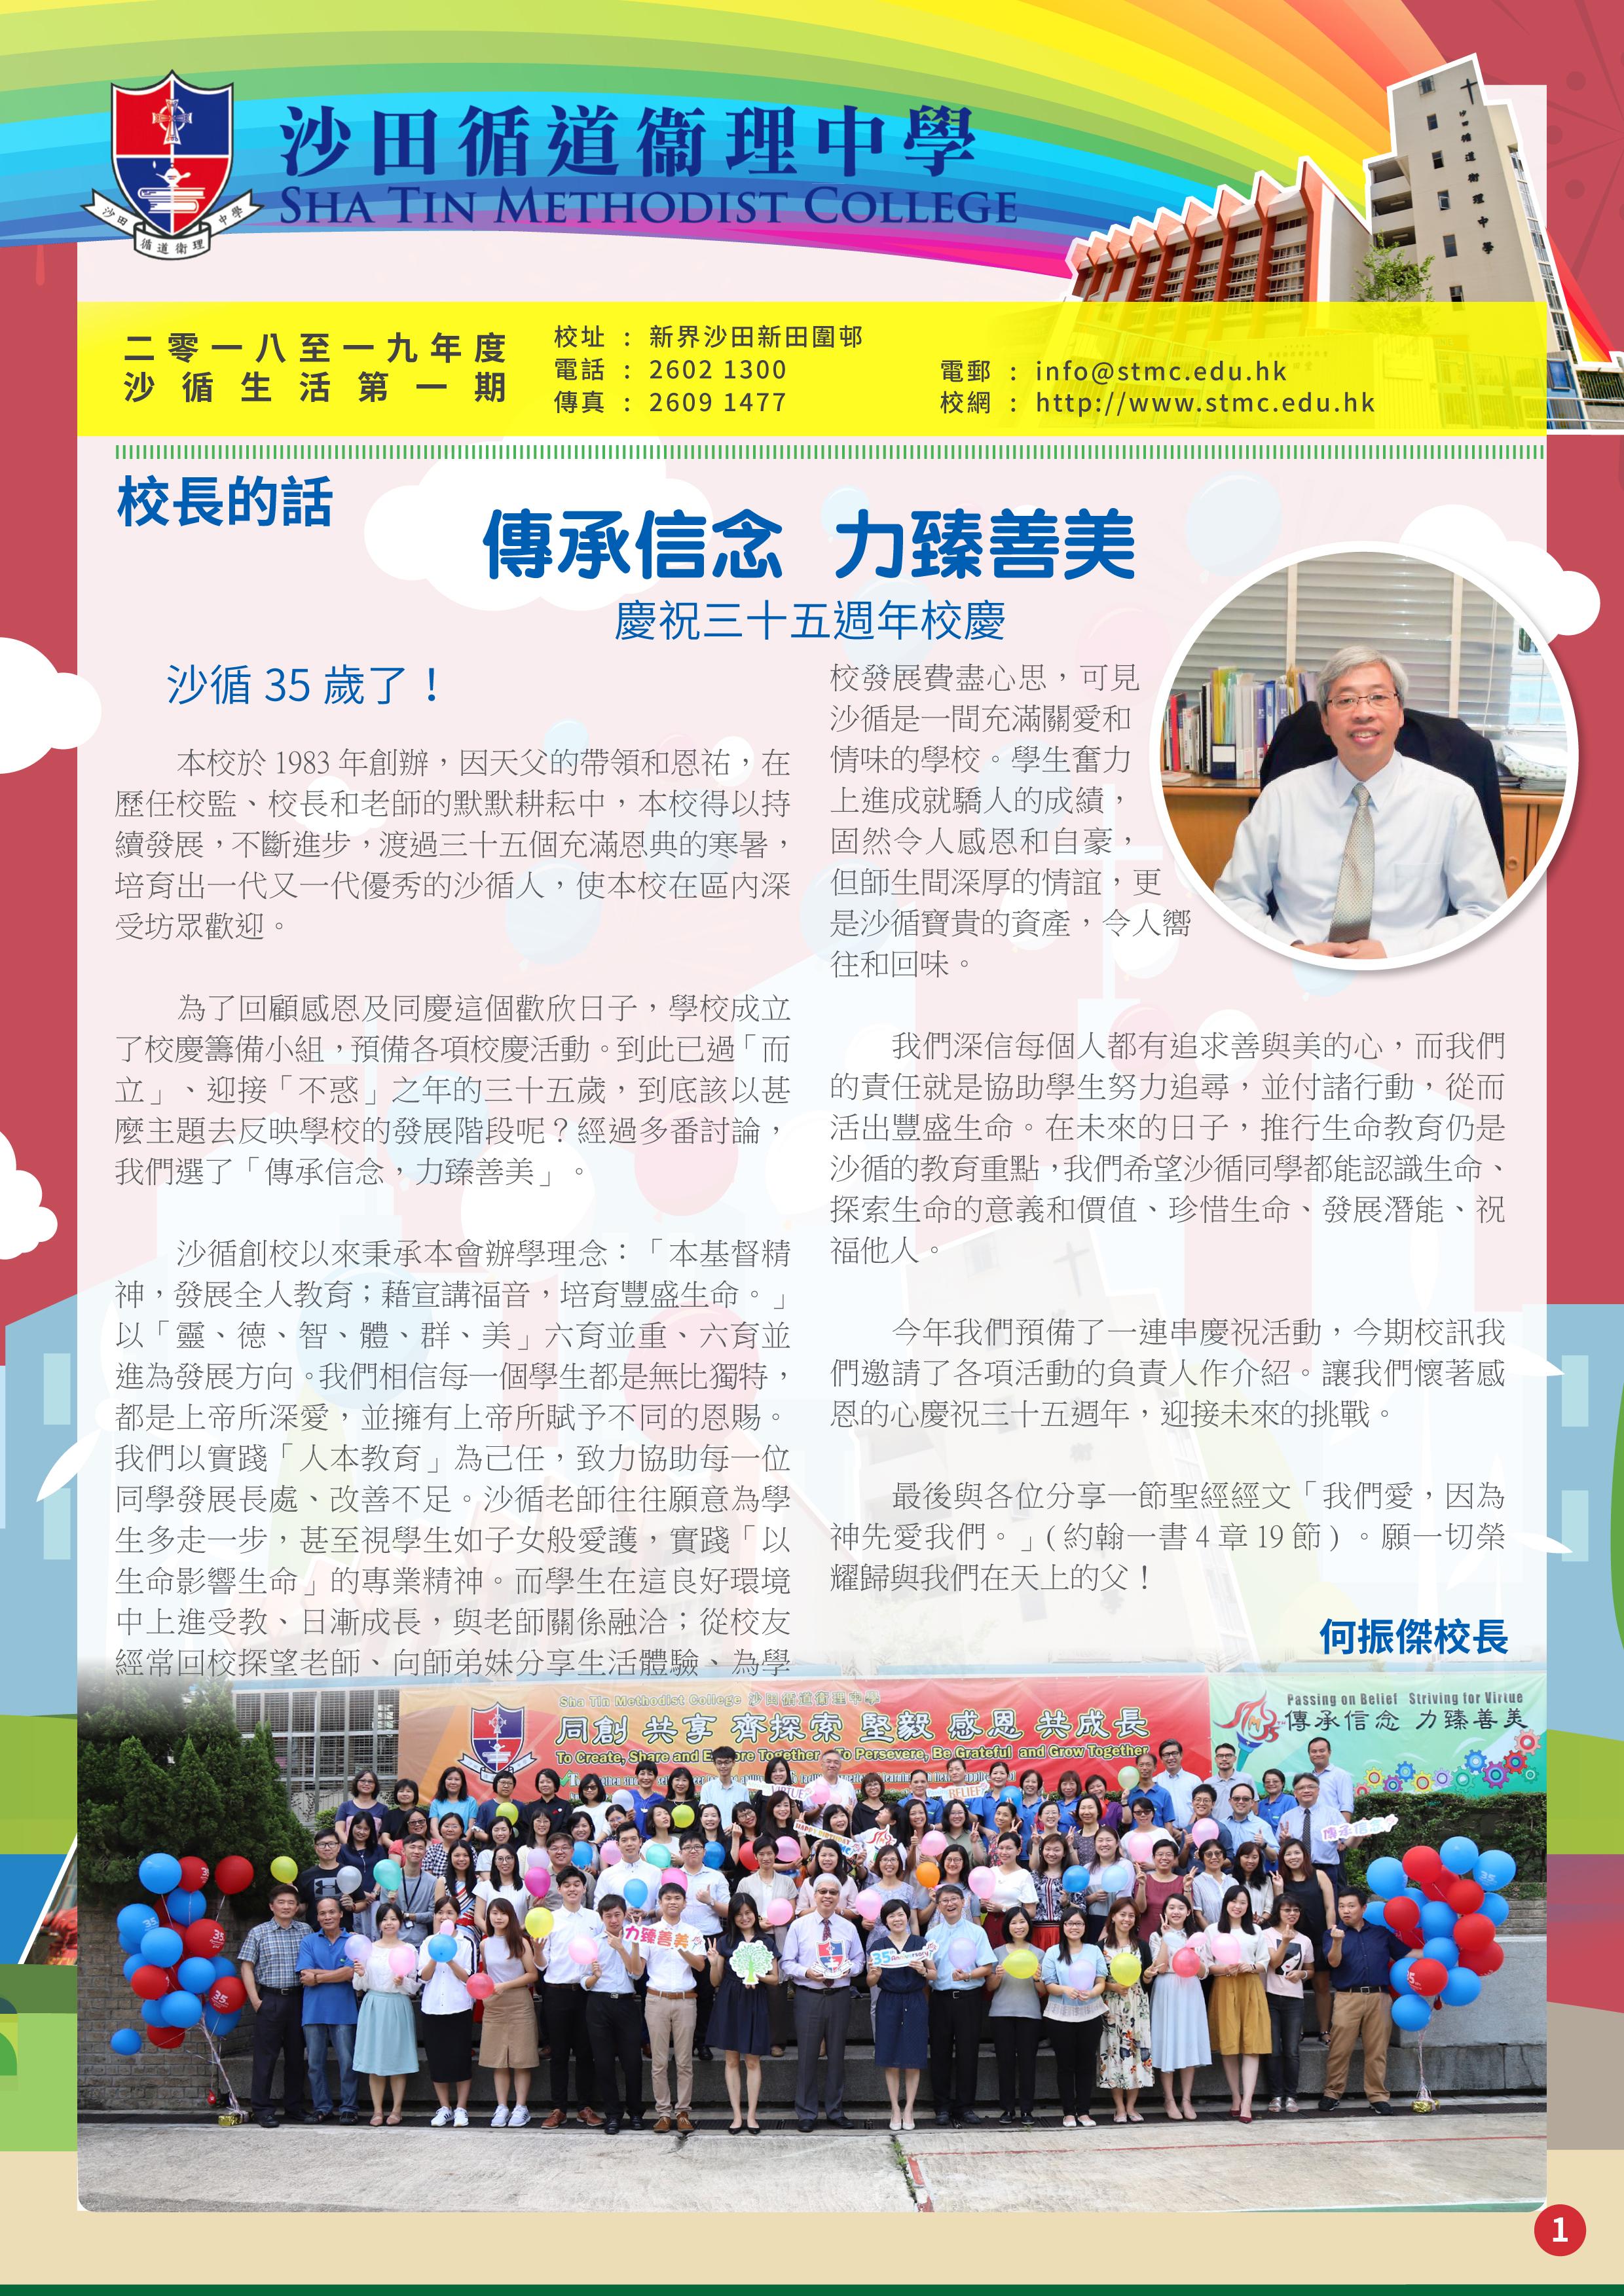 STMC Newsletter 2018-2-1